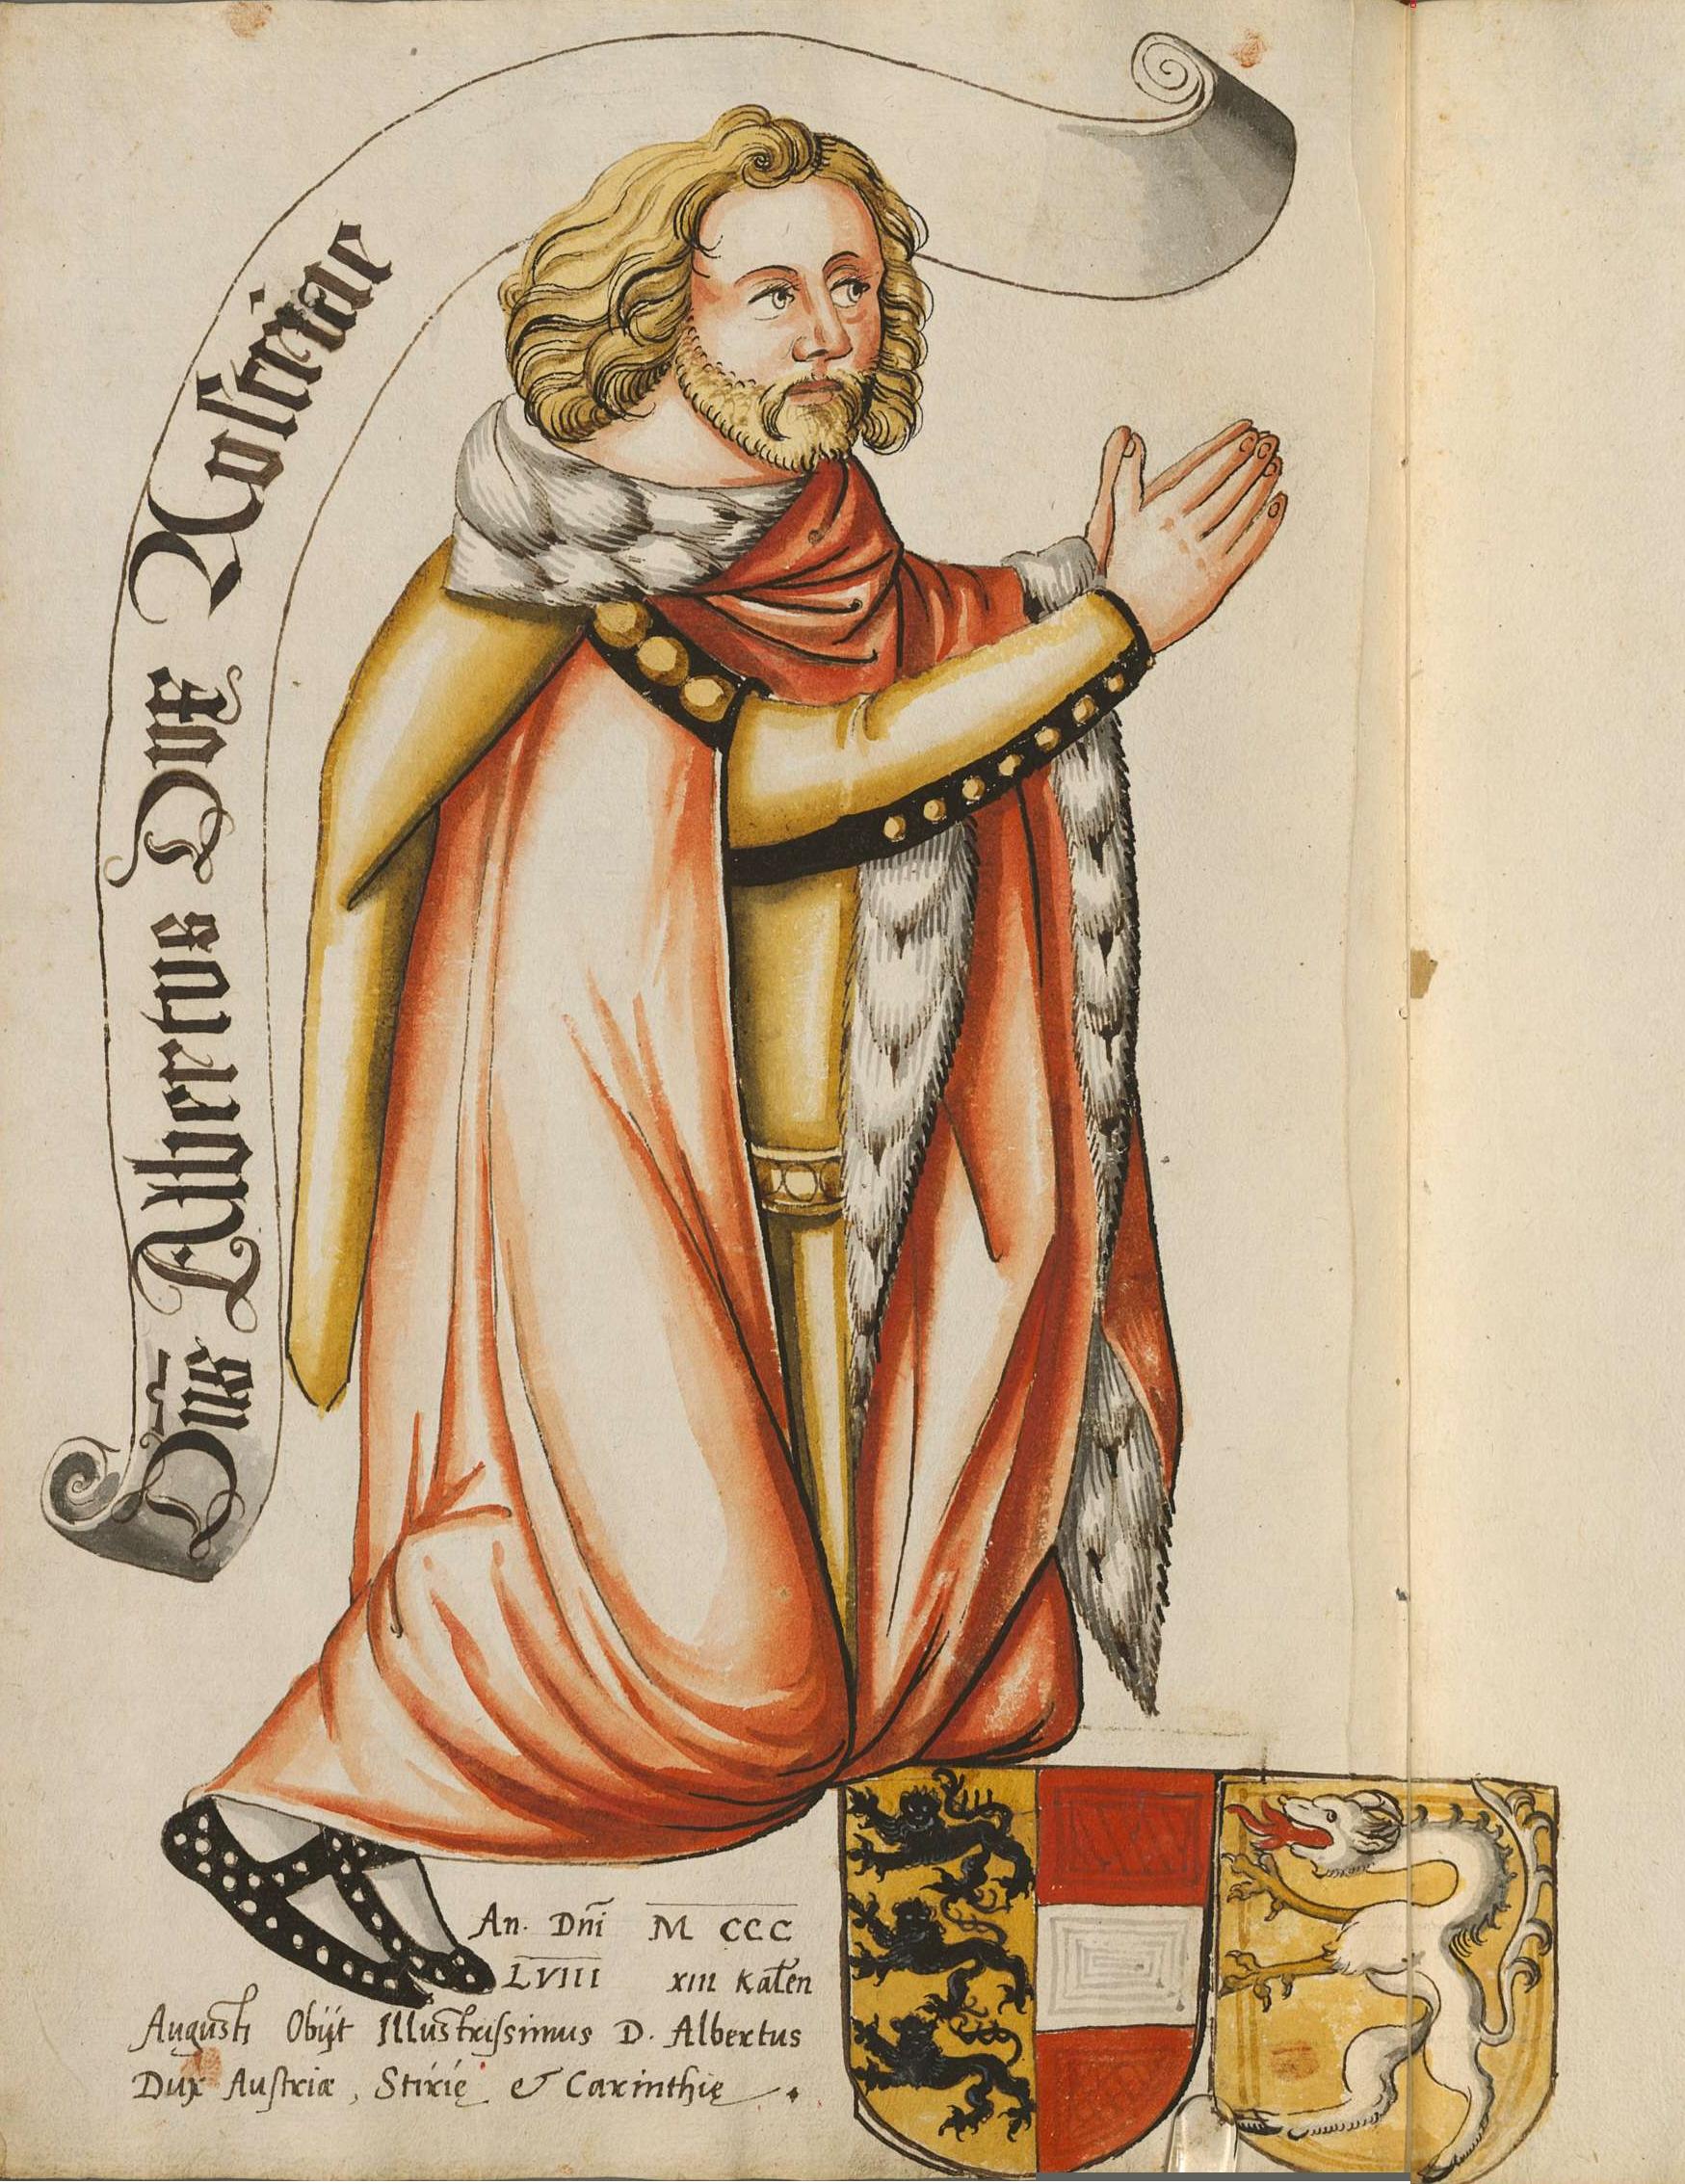 Albrecht II Kulawy